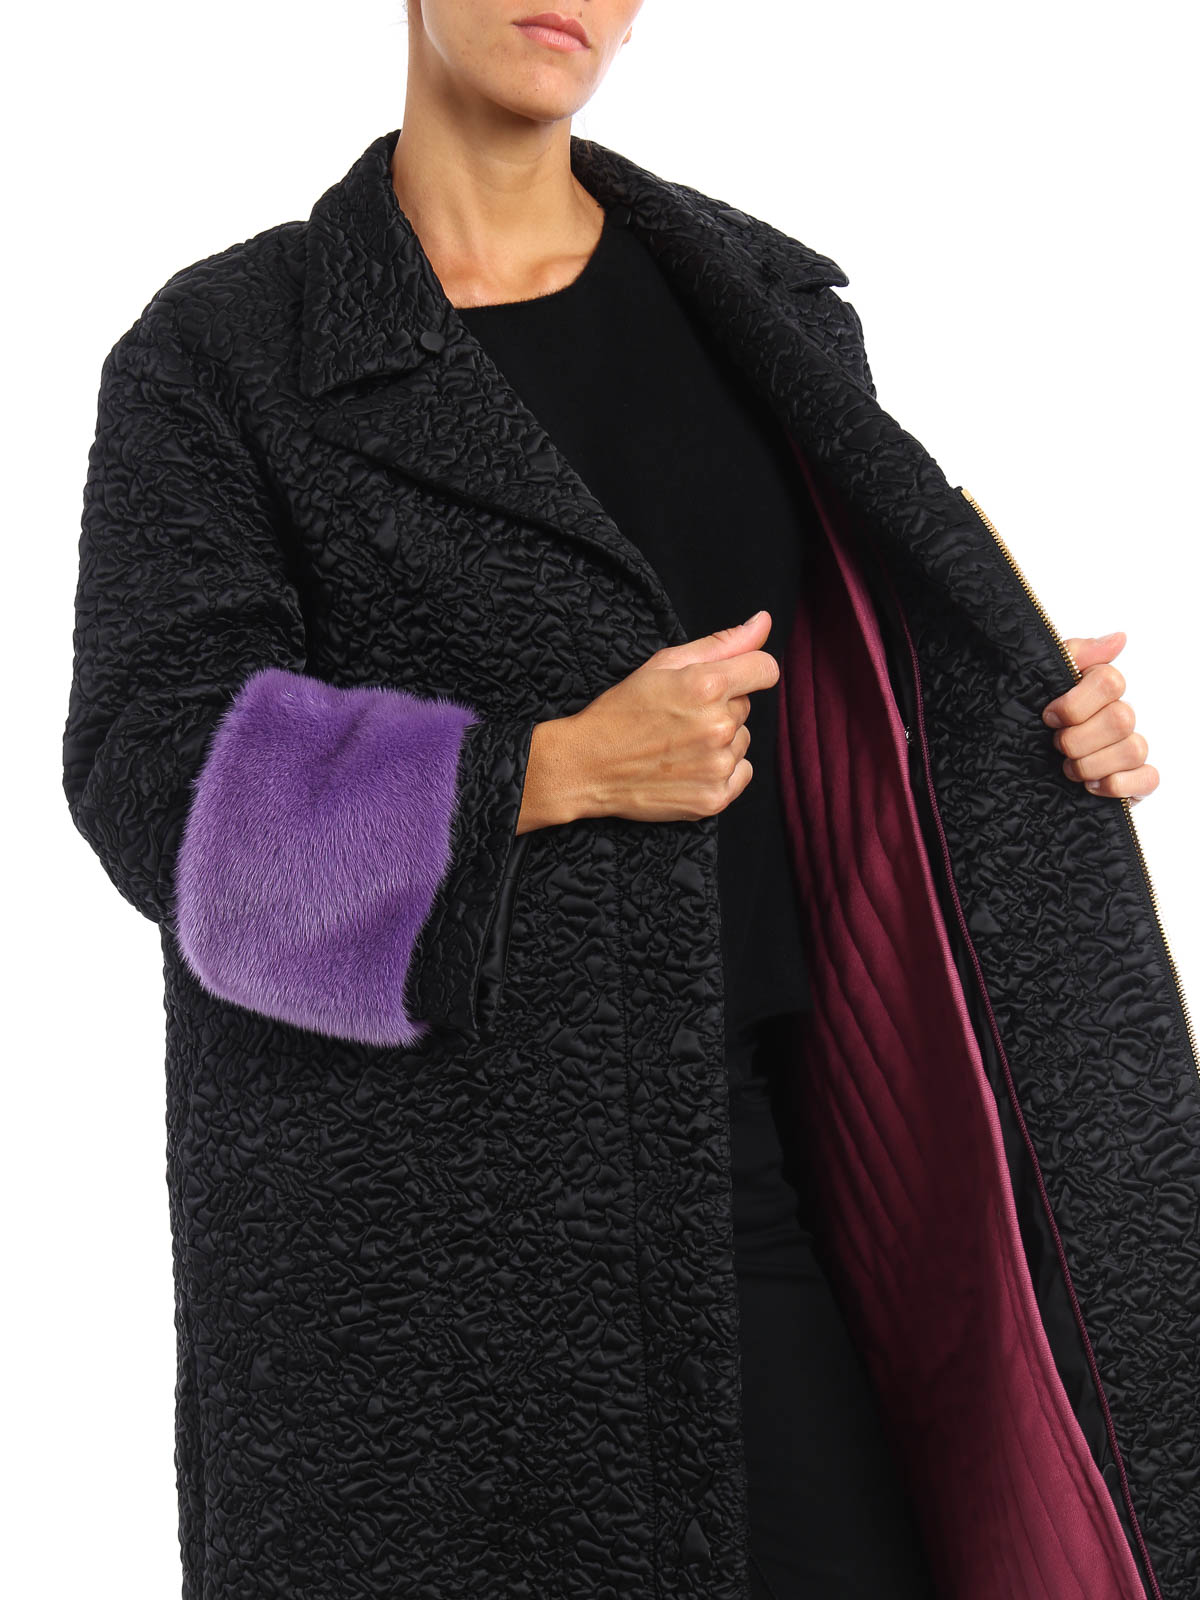 375cd8d58 GUCCI buy online Mink fur detailed nylon coat. GUCCI: Fur & Shearling Coats  ...